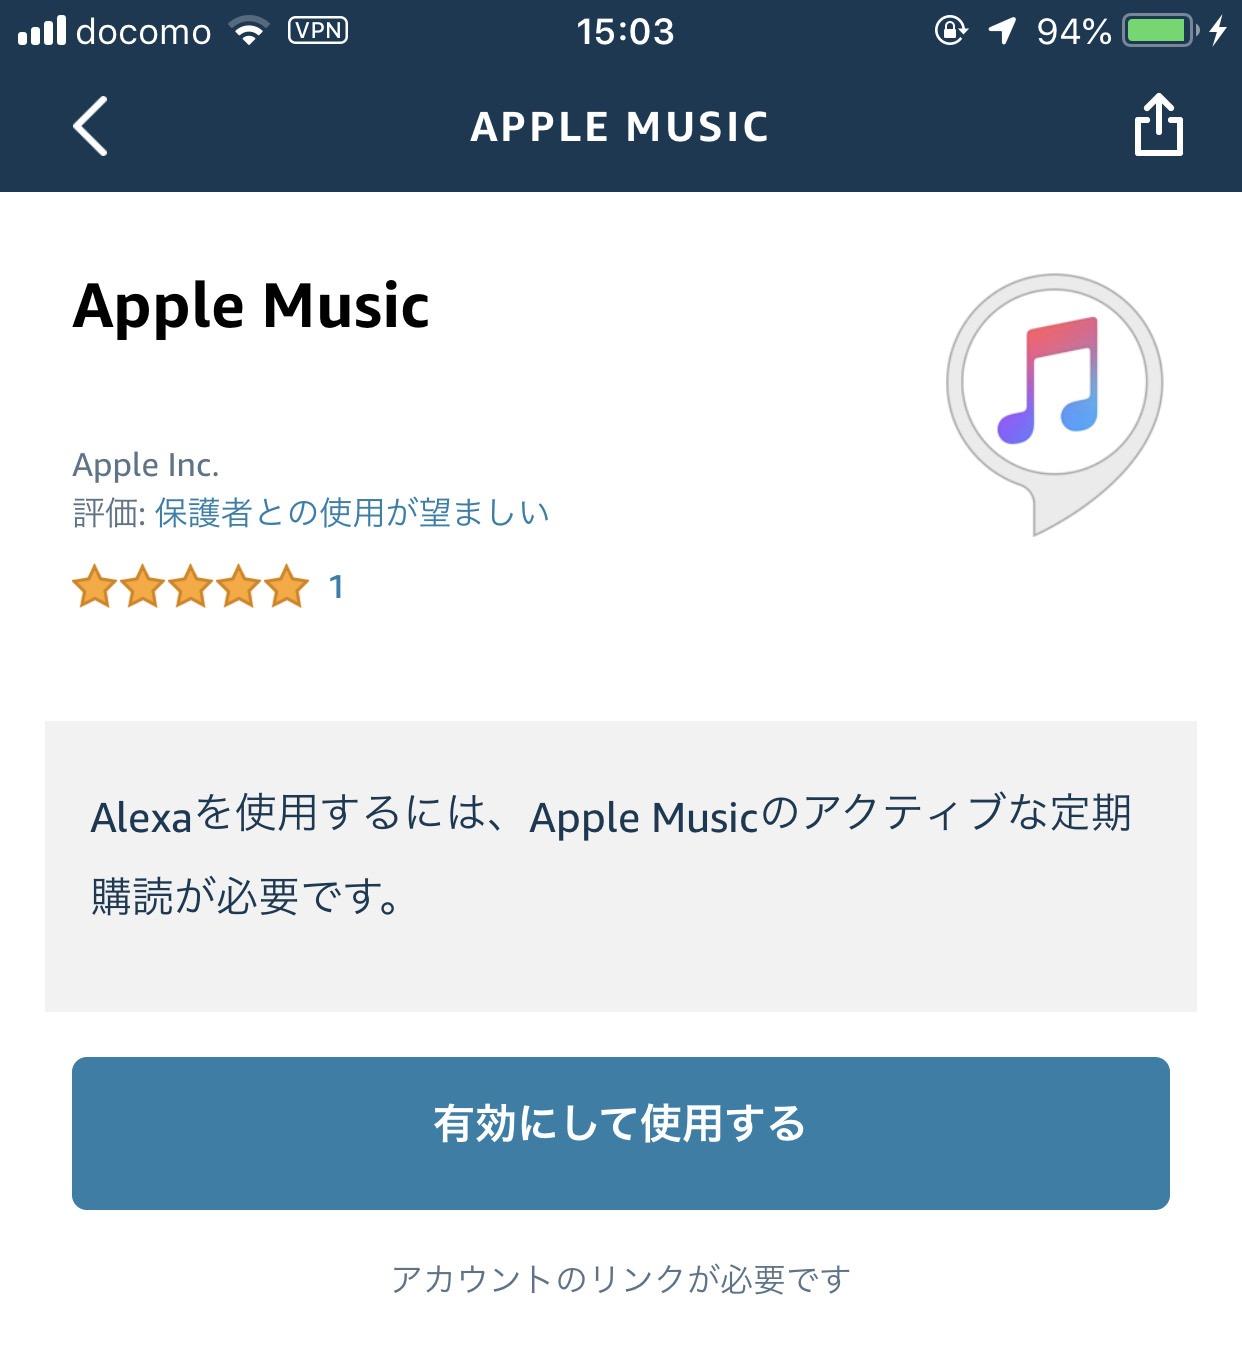 Alexa端末で「Apple Music」のスキルが利用可能に